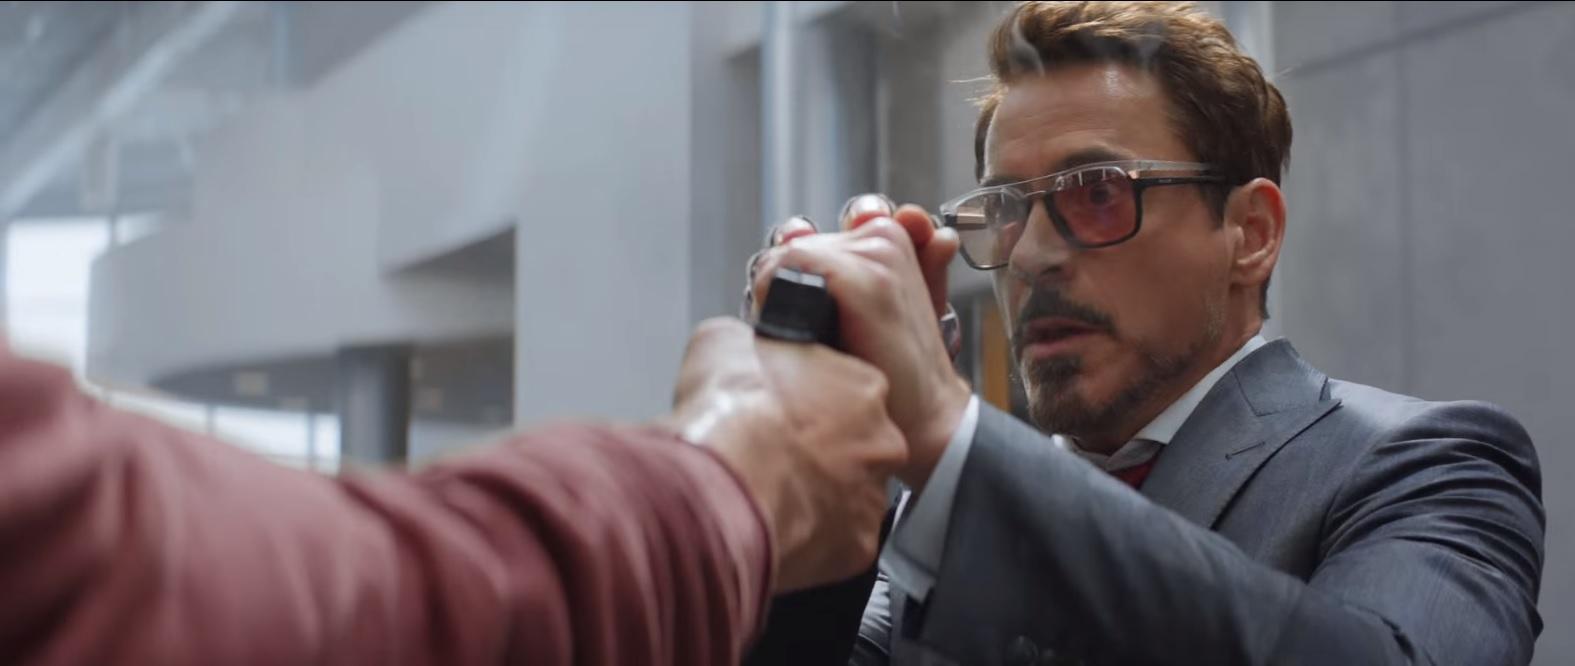 Tony Stark detiene un balazo del Soldado del Invierno.